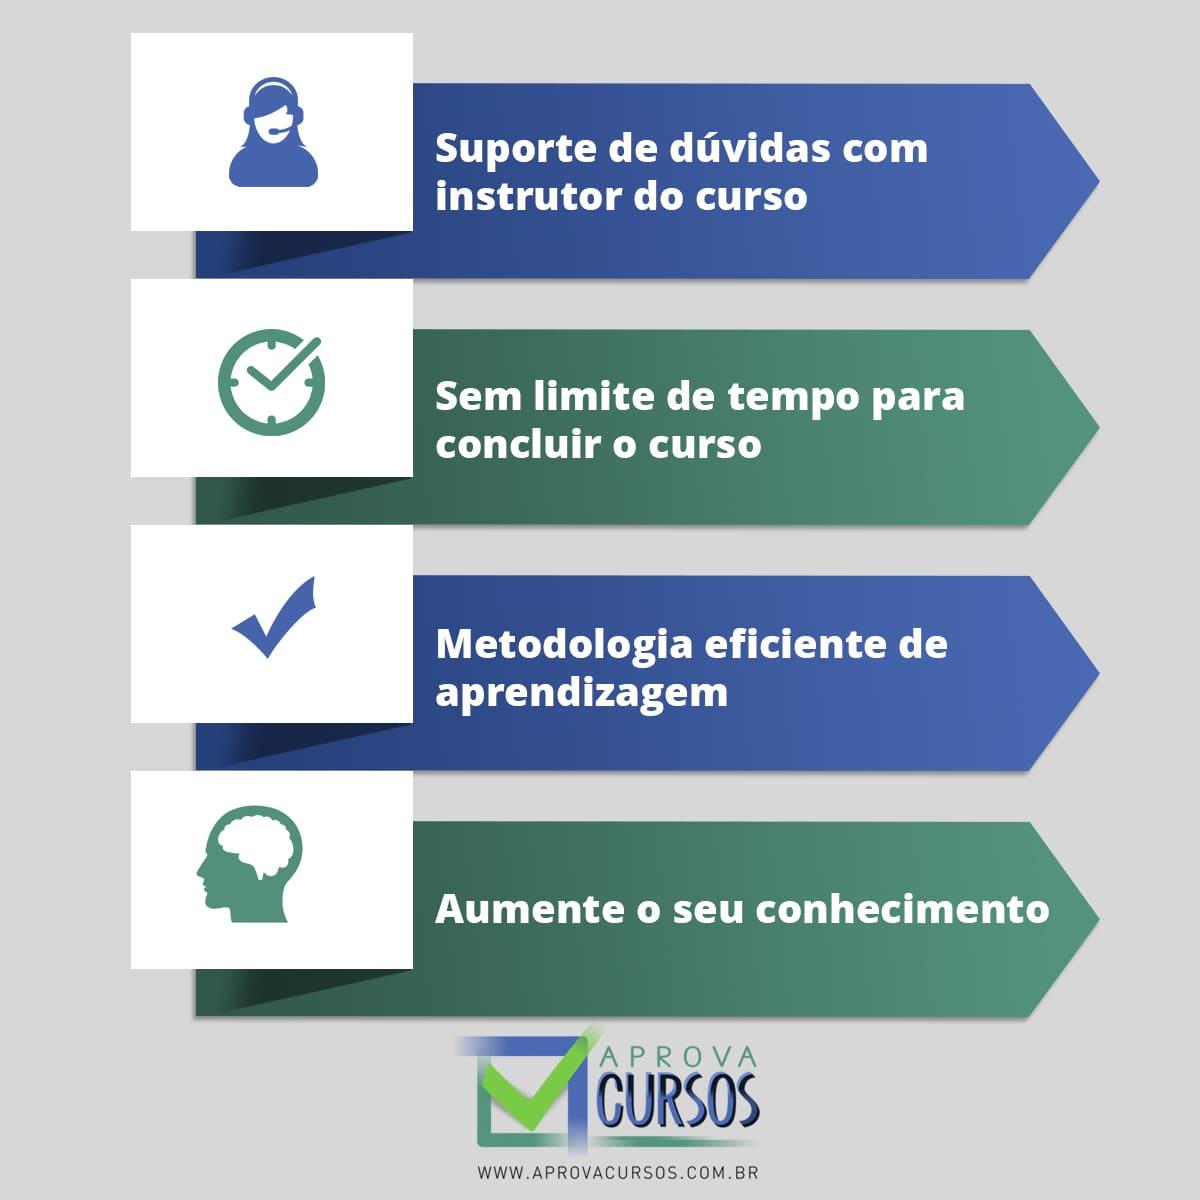 Curso Online de Linguagem Corporal com Certificado  - Aprova Cursos